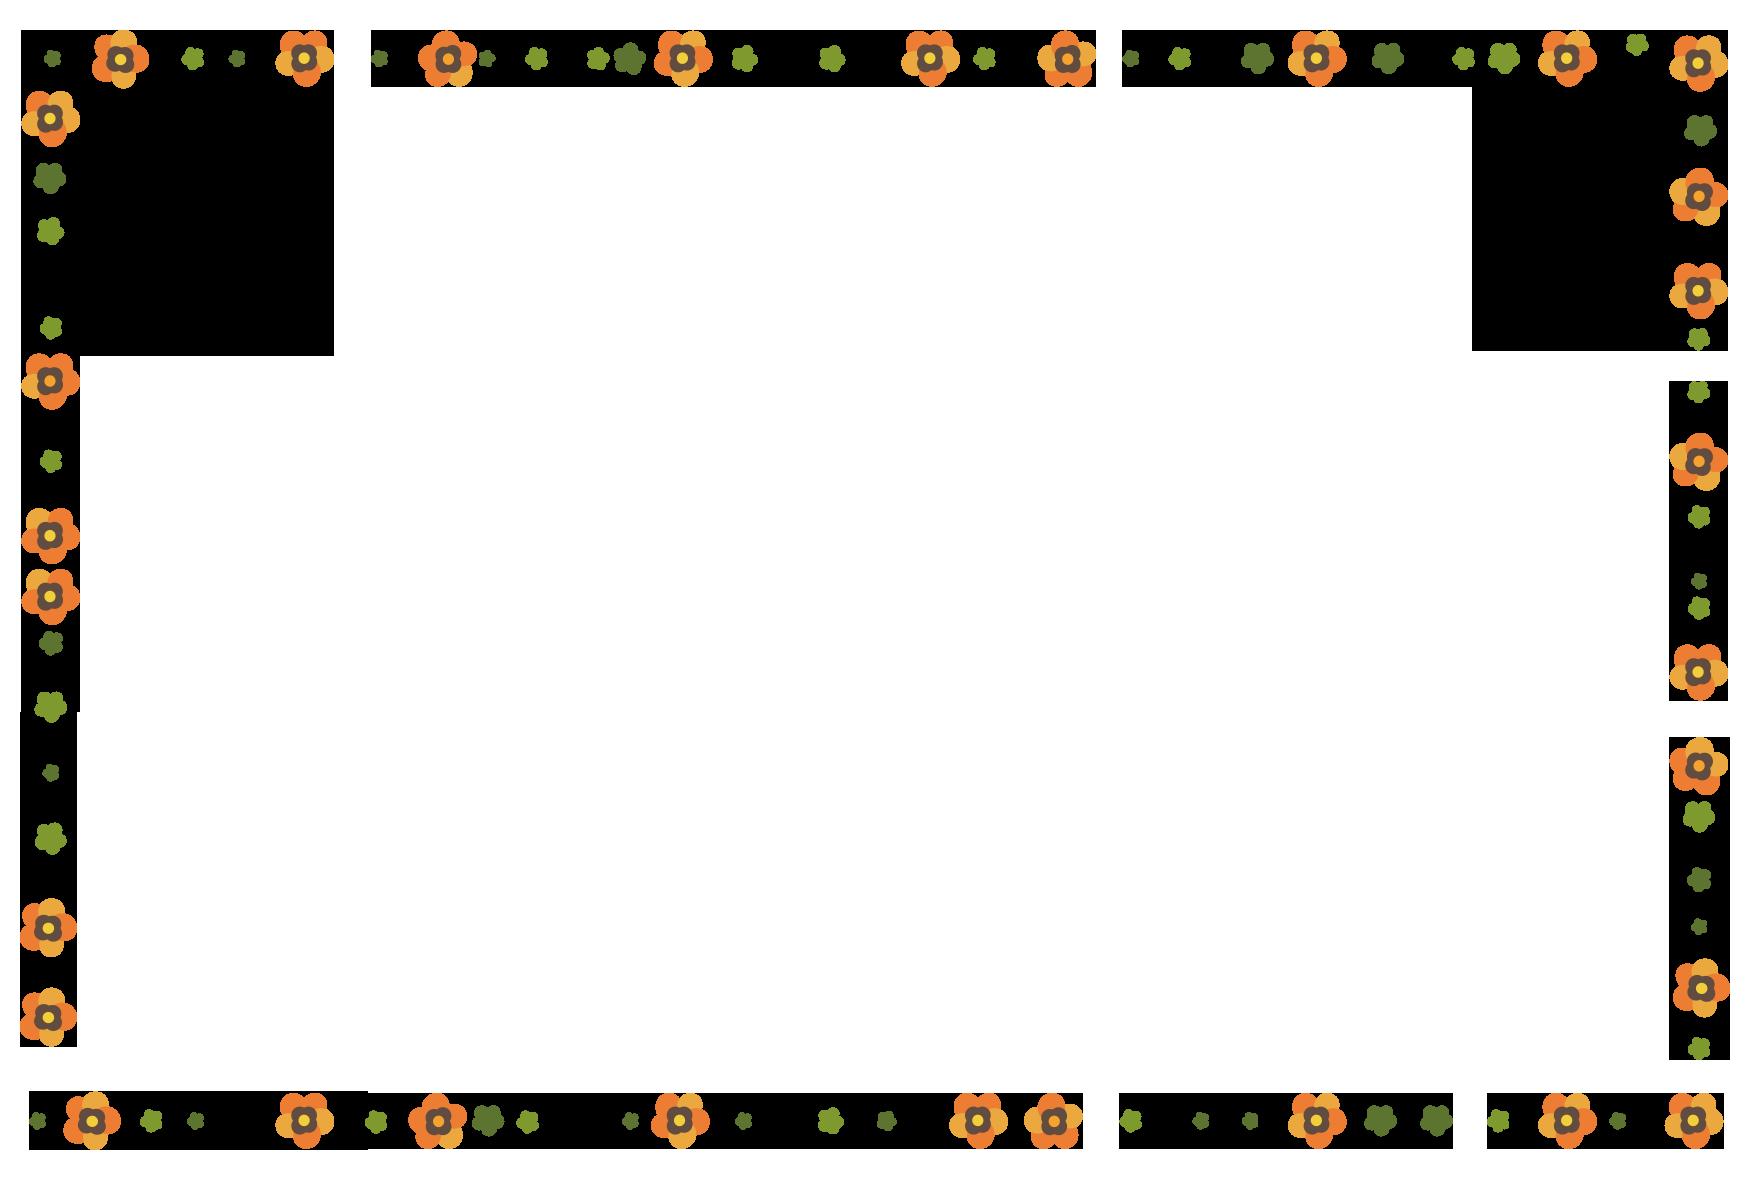 オレンジ色の小花フレーム」 - 無料イラスト愛